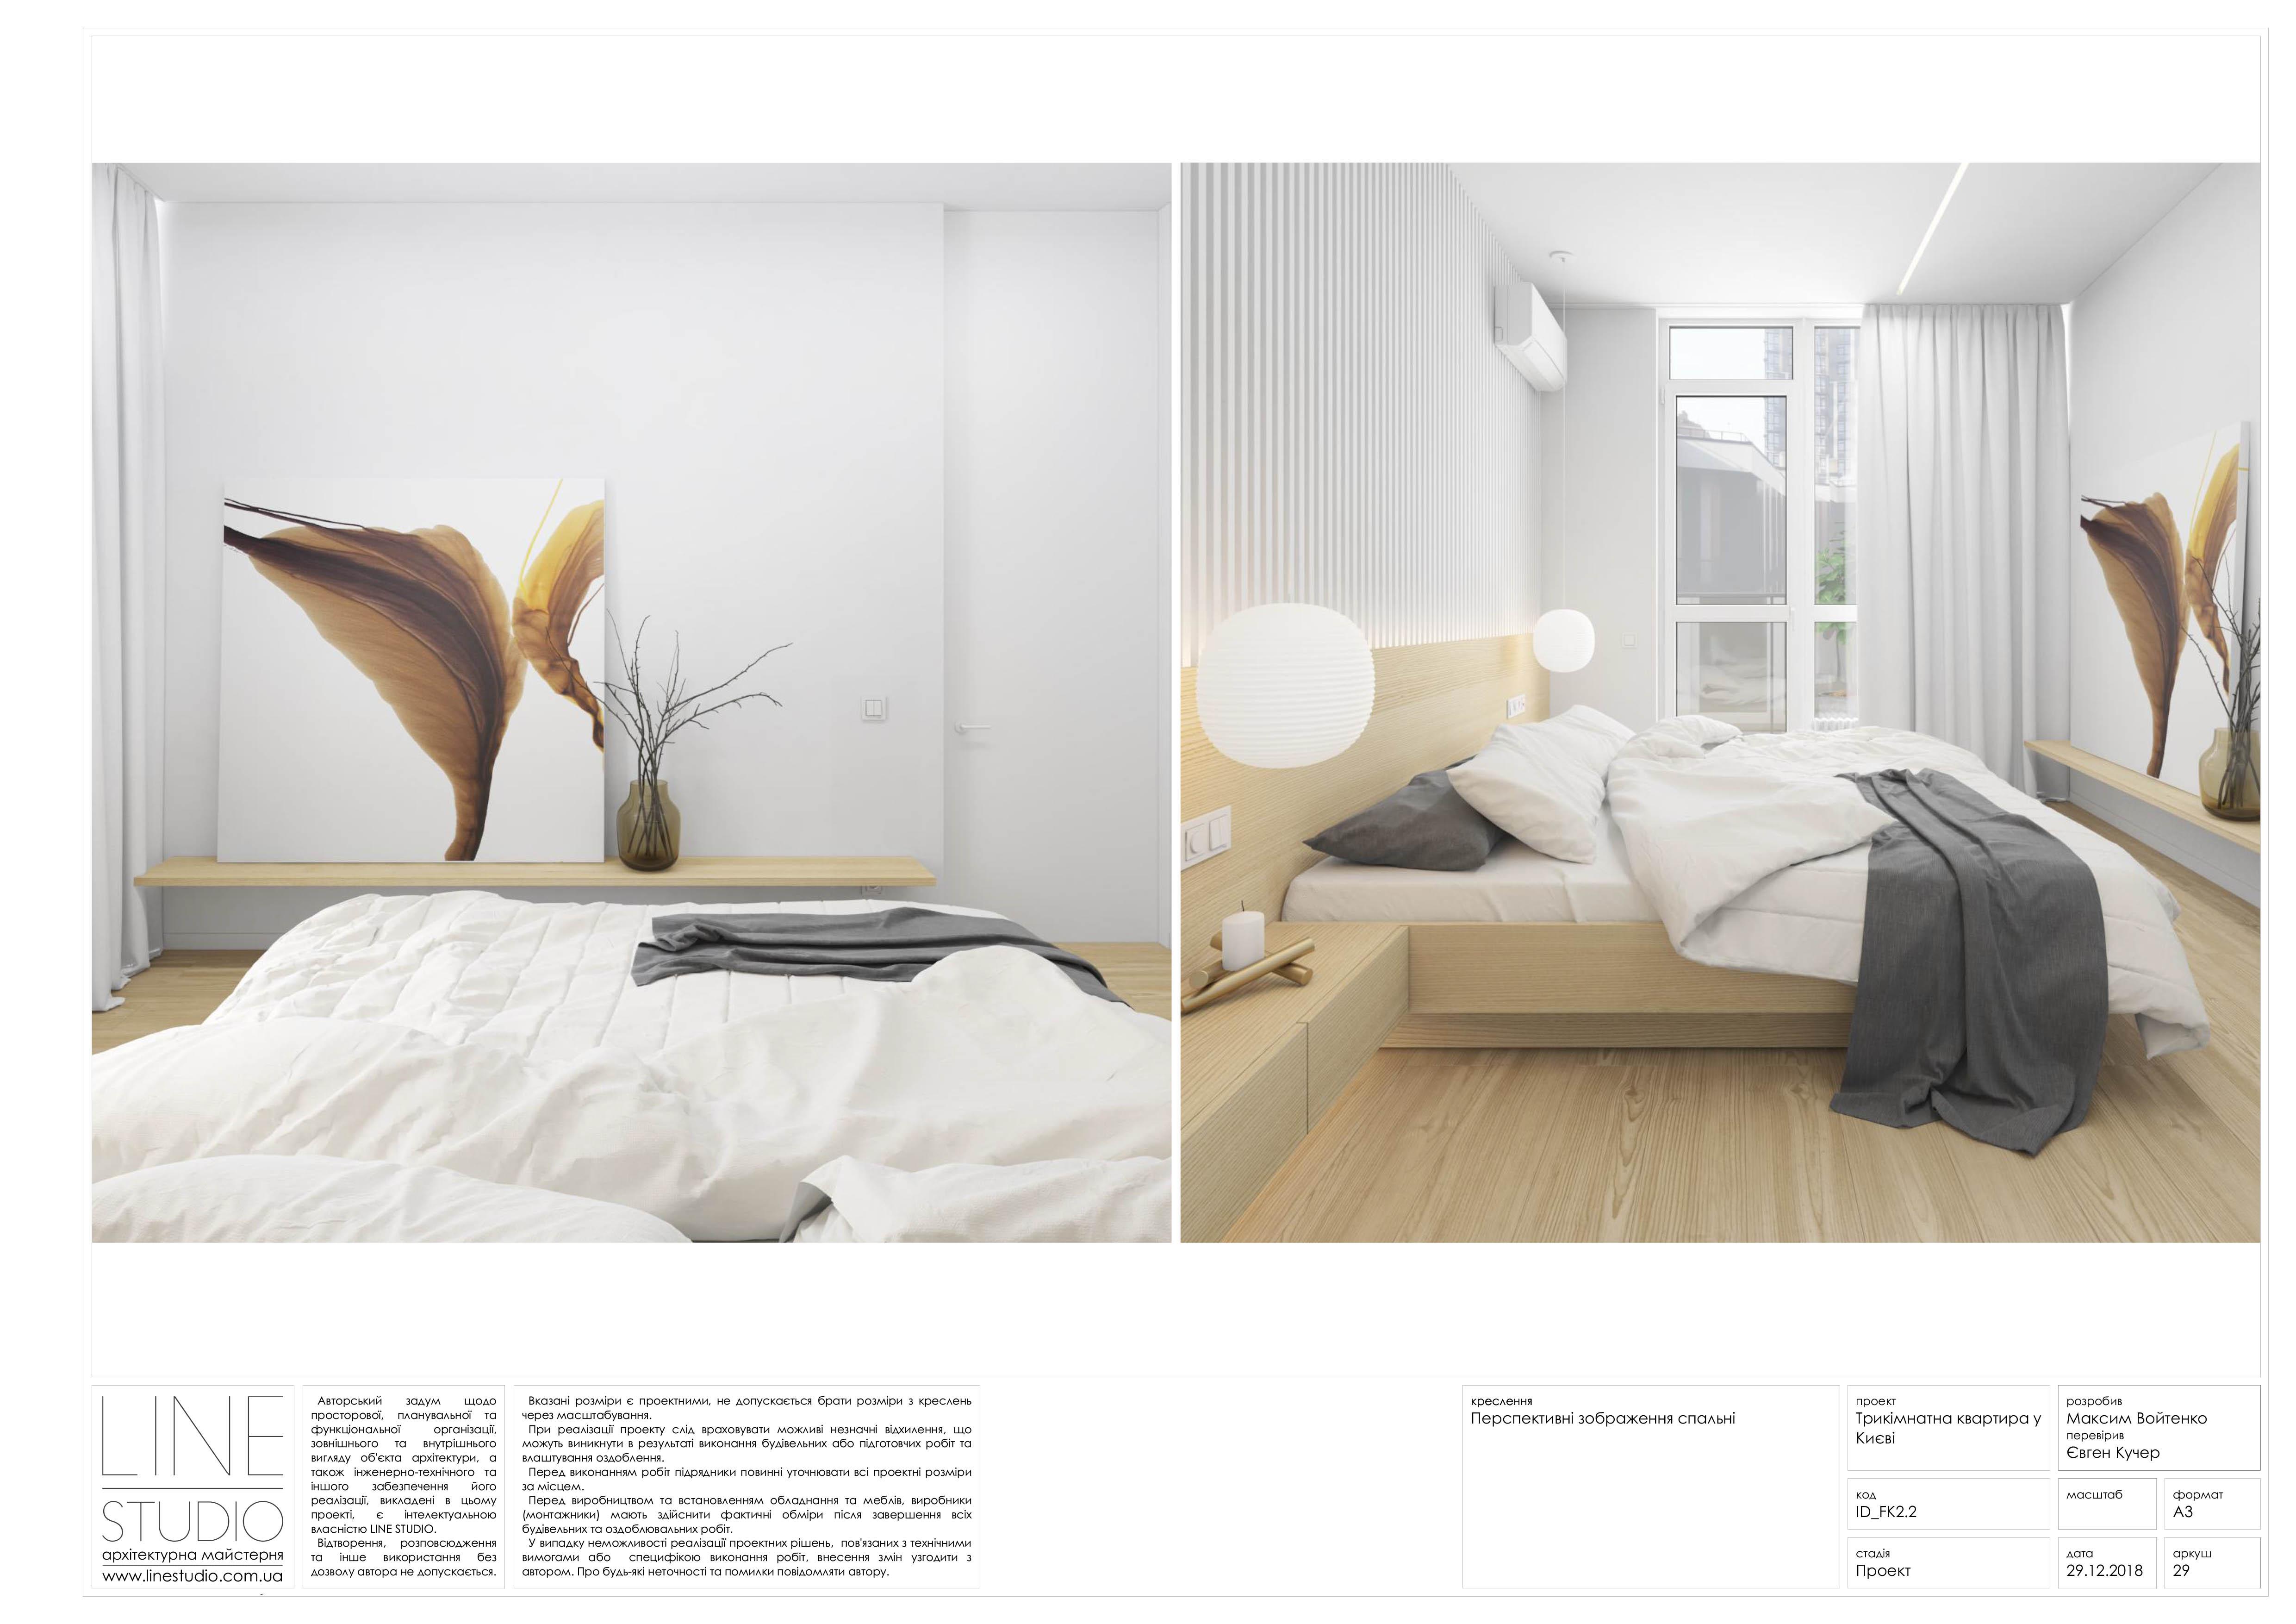 29_fk2.2_Перспективні зображення спальні